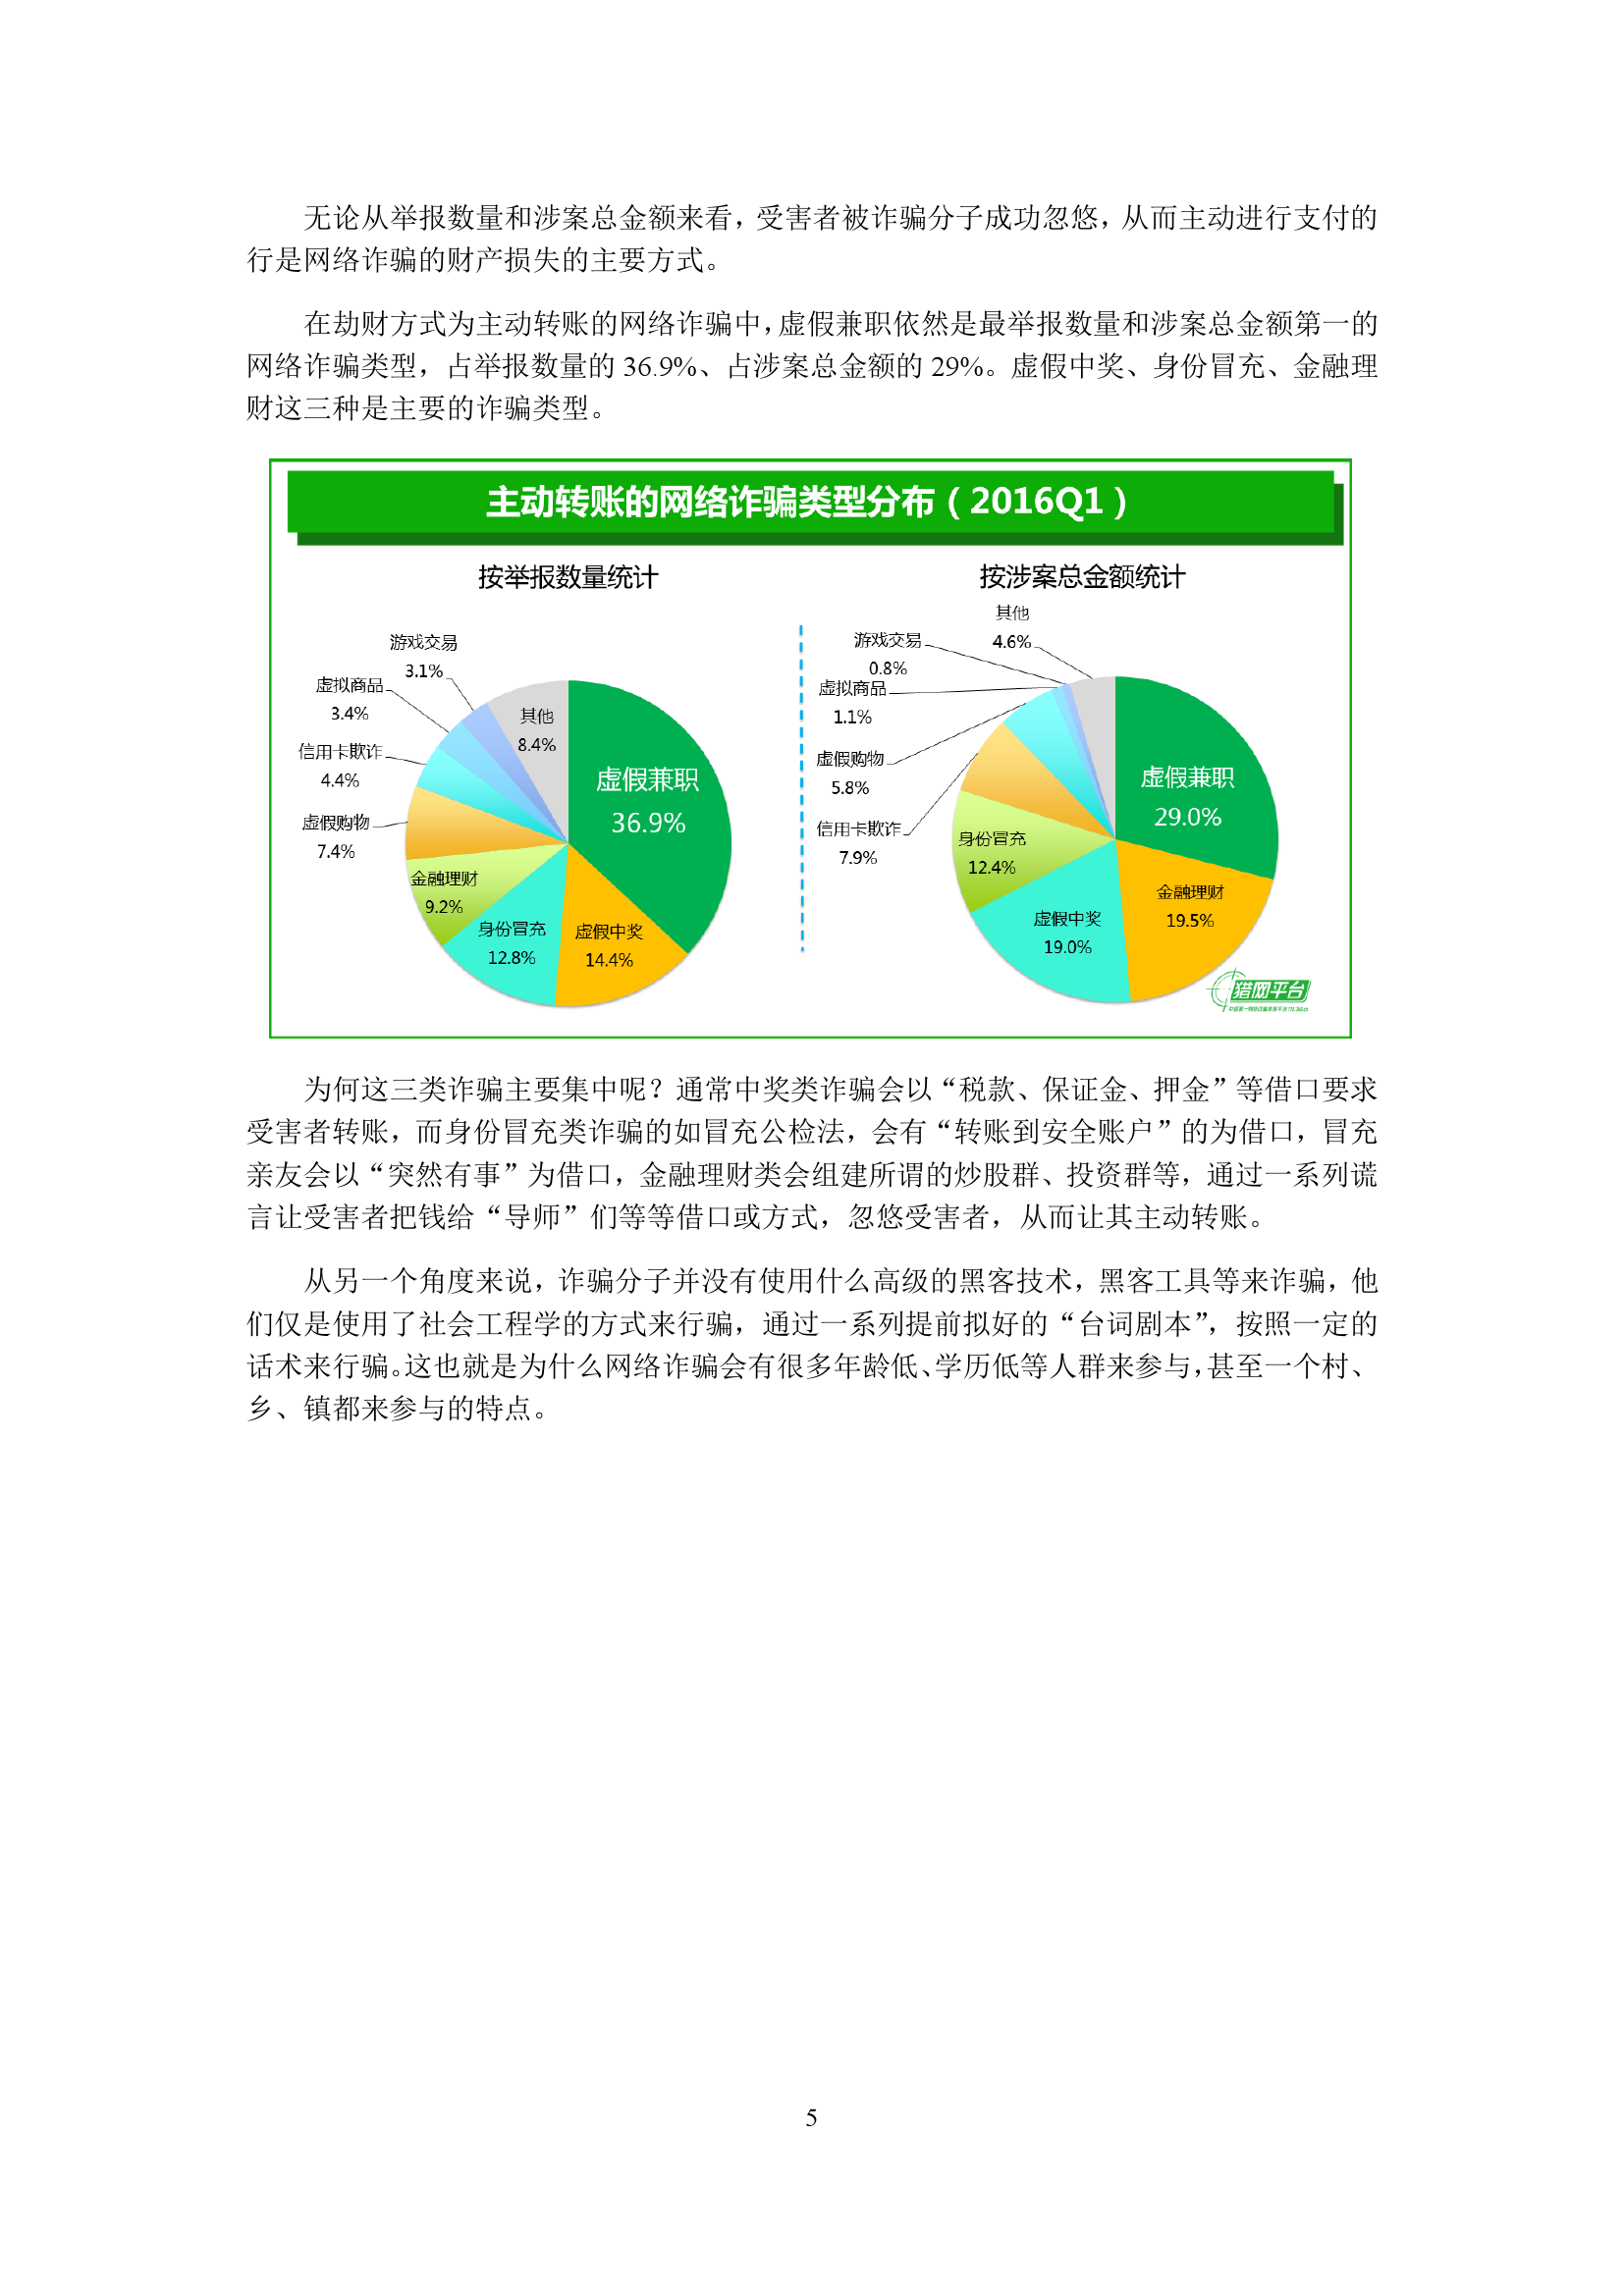 2016年第一季度网络诈骗趋势研究报告_000008